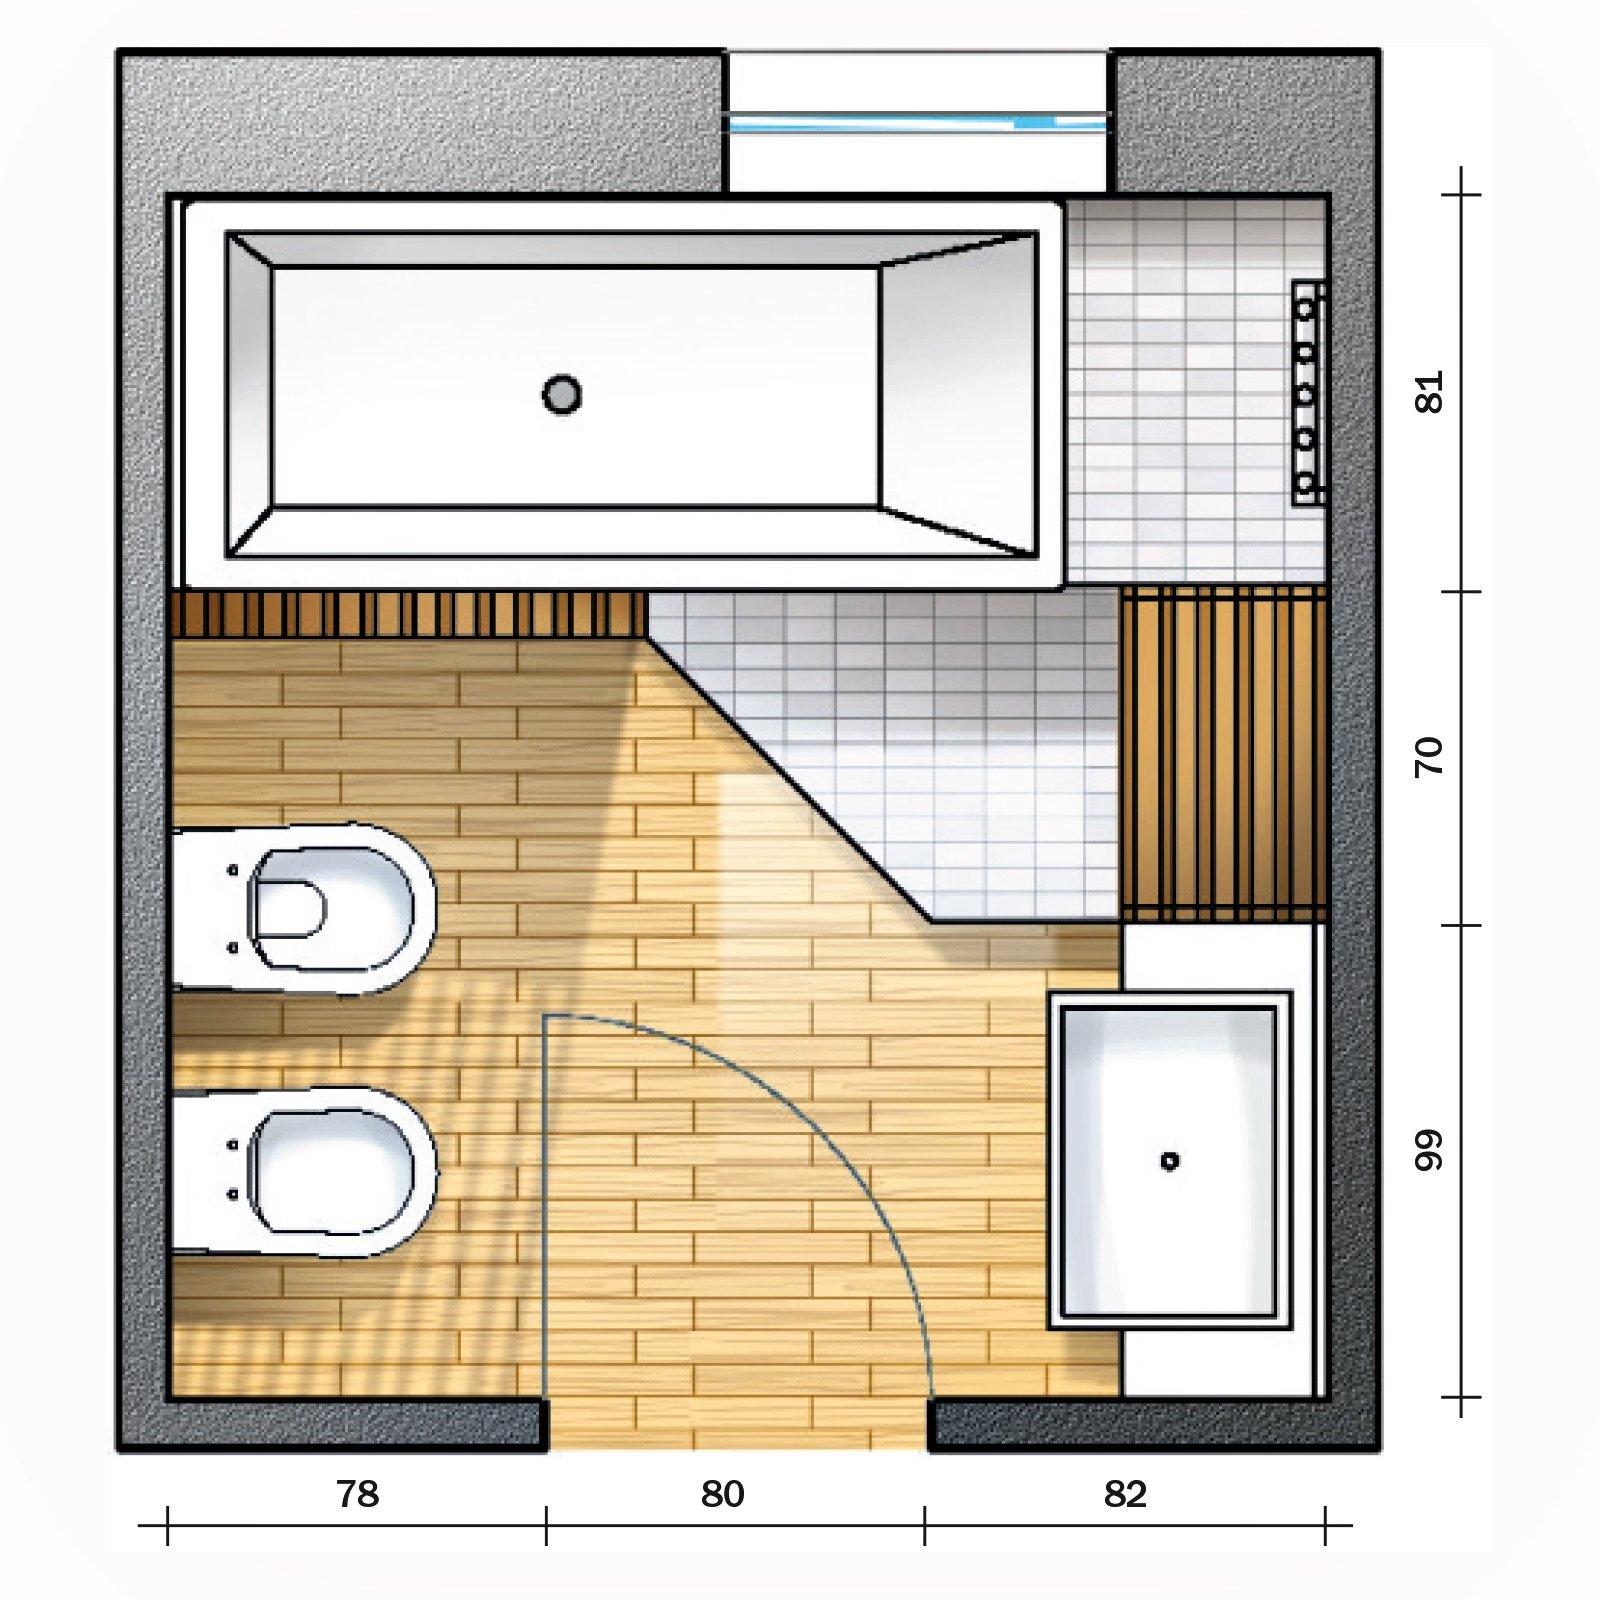 Bagno con pianta del progetto e costi dei lavori terza for Come progettare una pianta del piano interrato